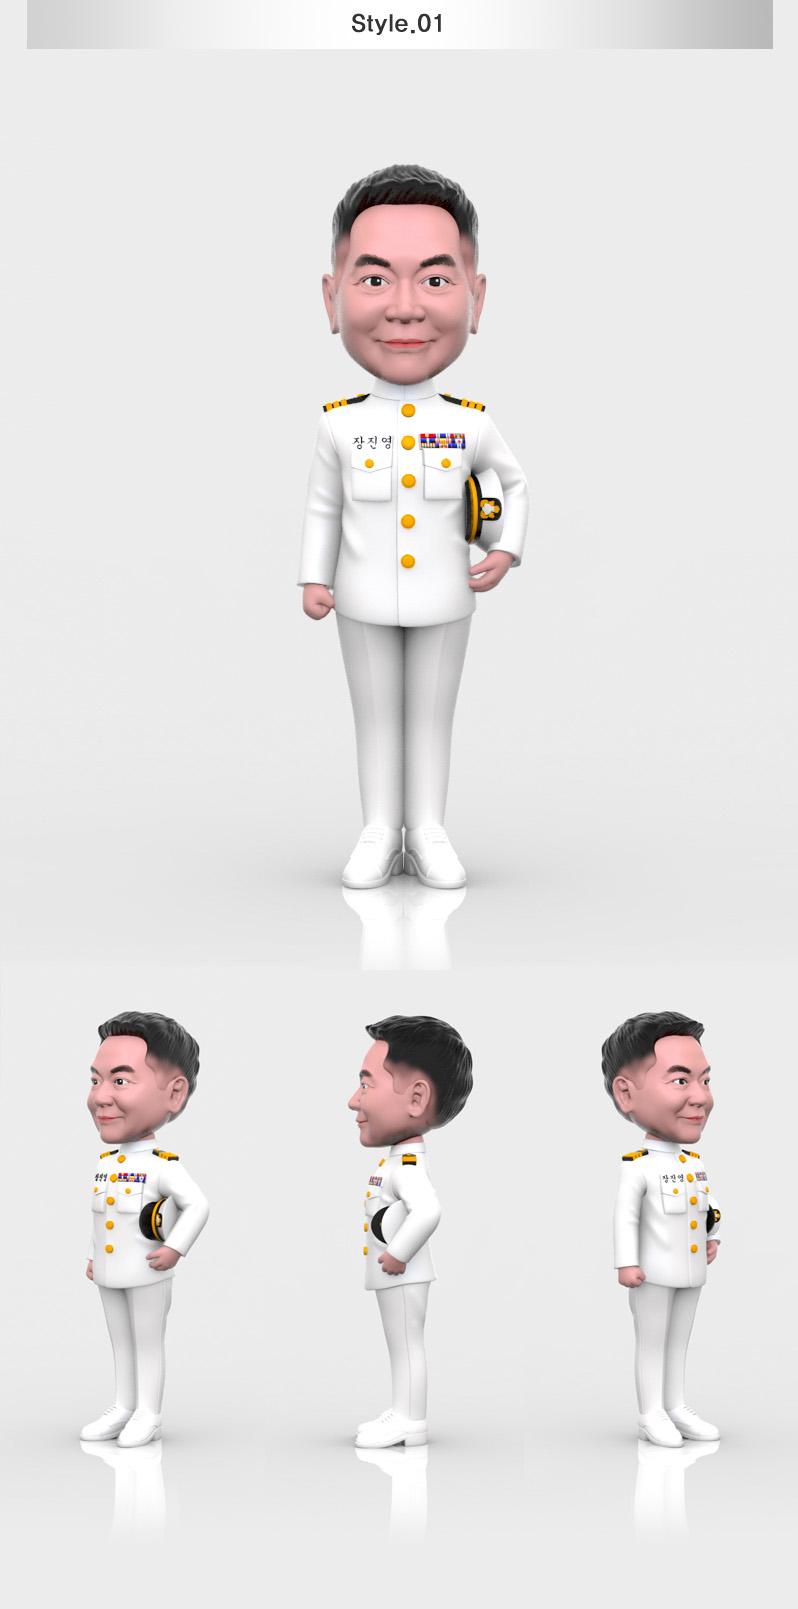 marinsuit_pose01